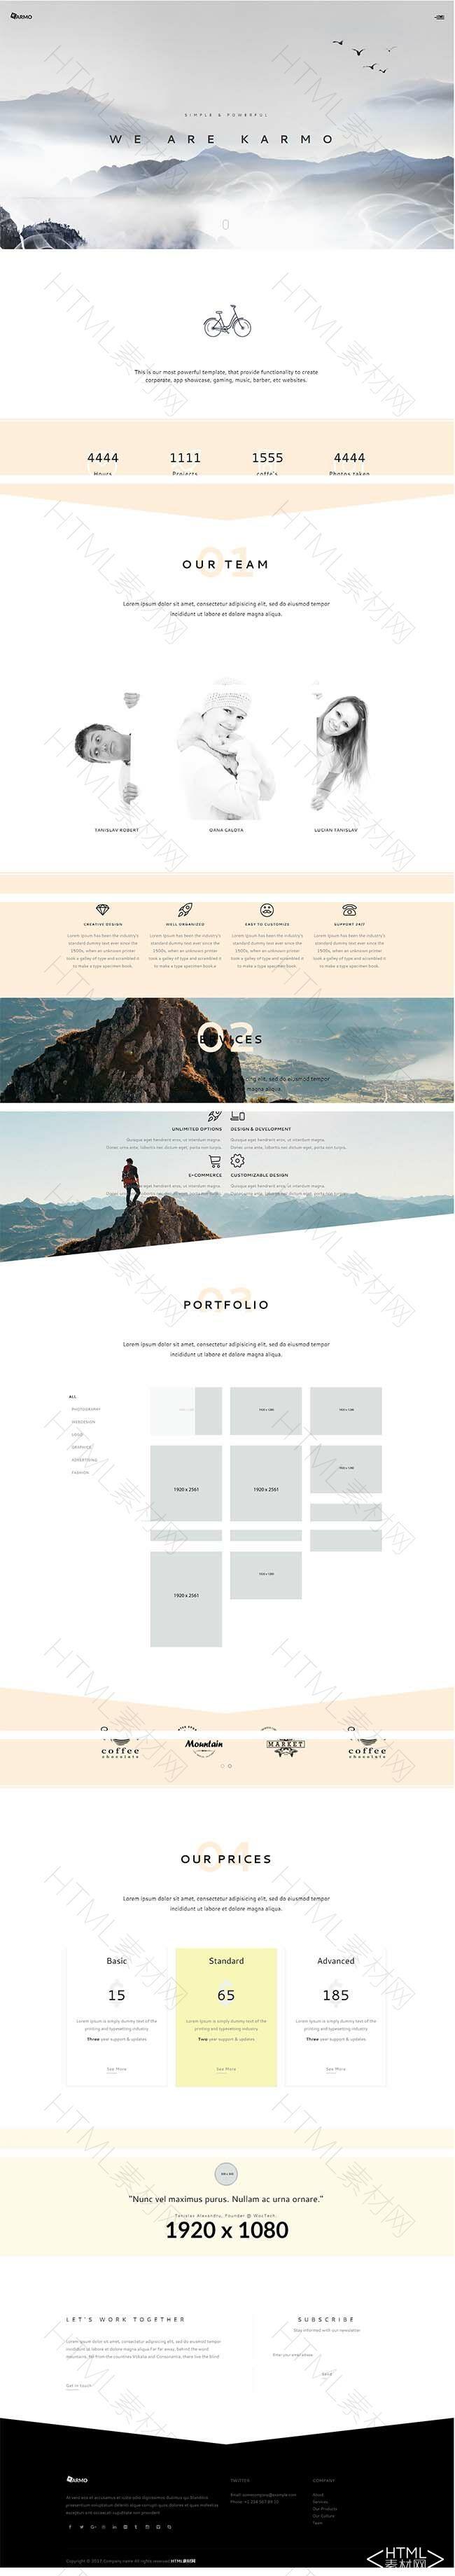 简洁扁平水墨焦点图风格网站响应式模板.jpg